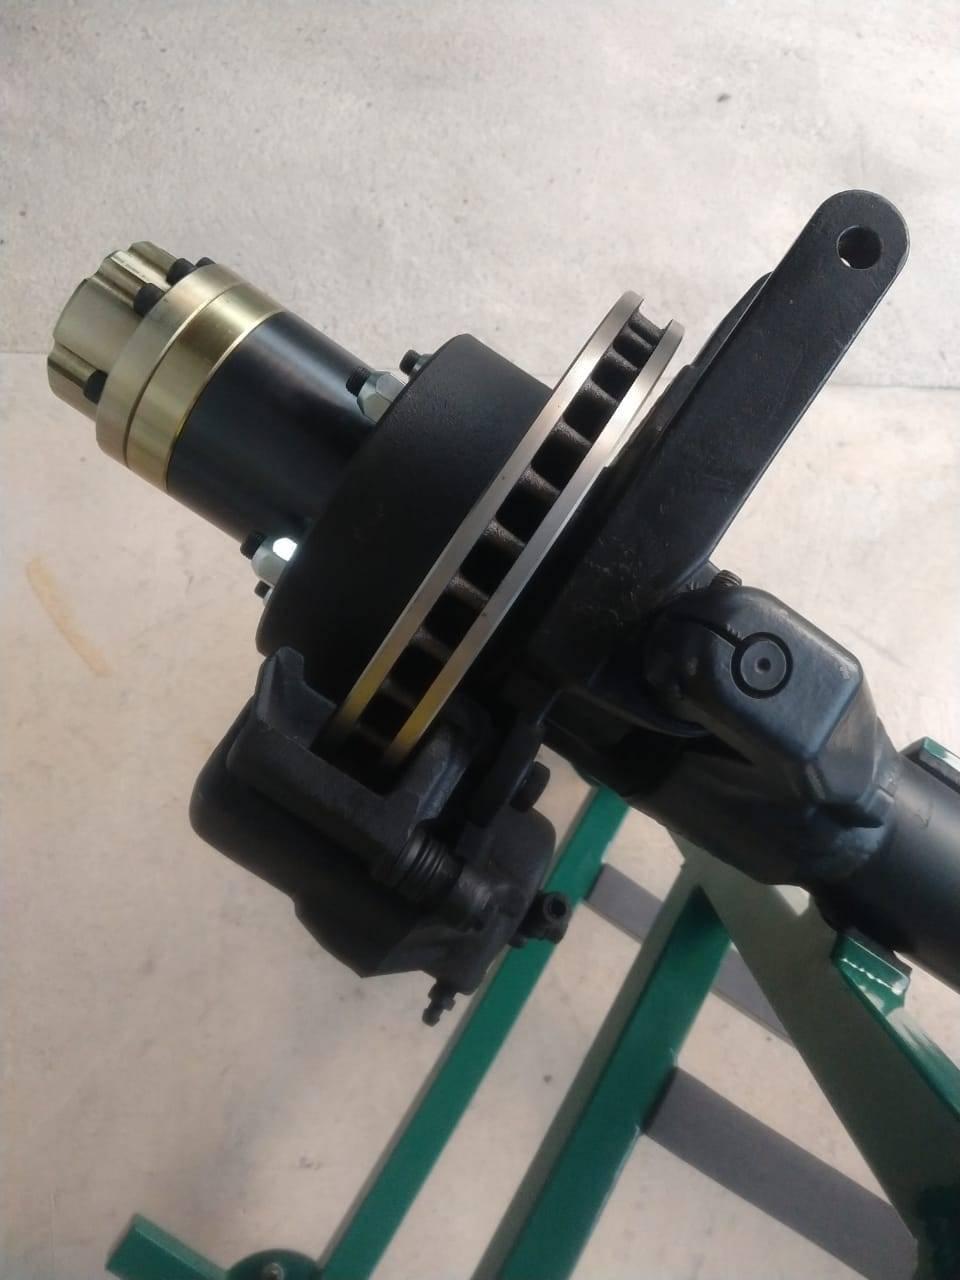 Eixo dianteiro Dana44-munhão aberto NHP c/ Cruzetão ROTAX 38mm 35/35 estrias c/ bloqueio automático - D driver equipamentos off road Joinville sc